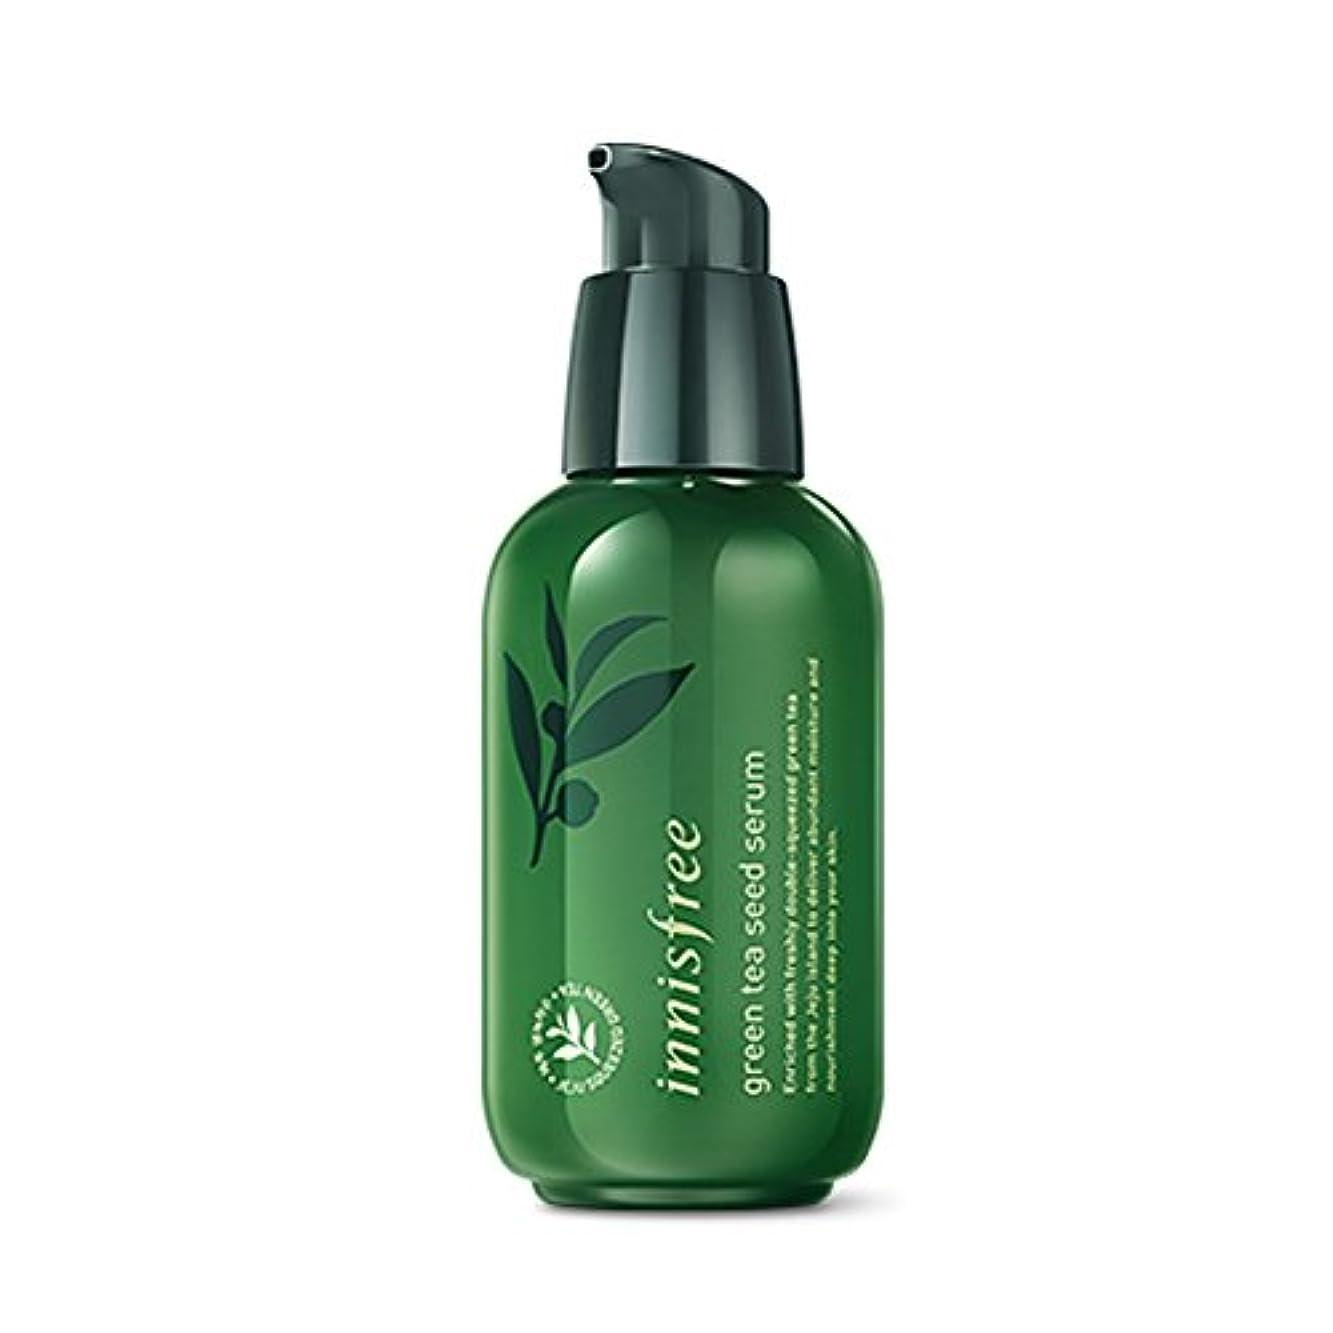 元気な気づかないふつうイニスフリーグリーンティーシードセラム80ml「2018新製品」 Innisfree The Green Tea Seed serum 80ml